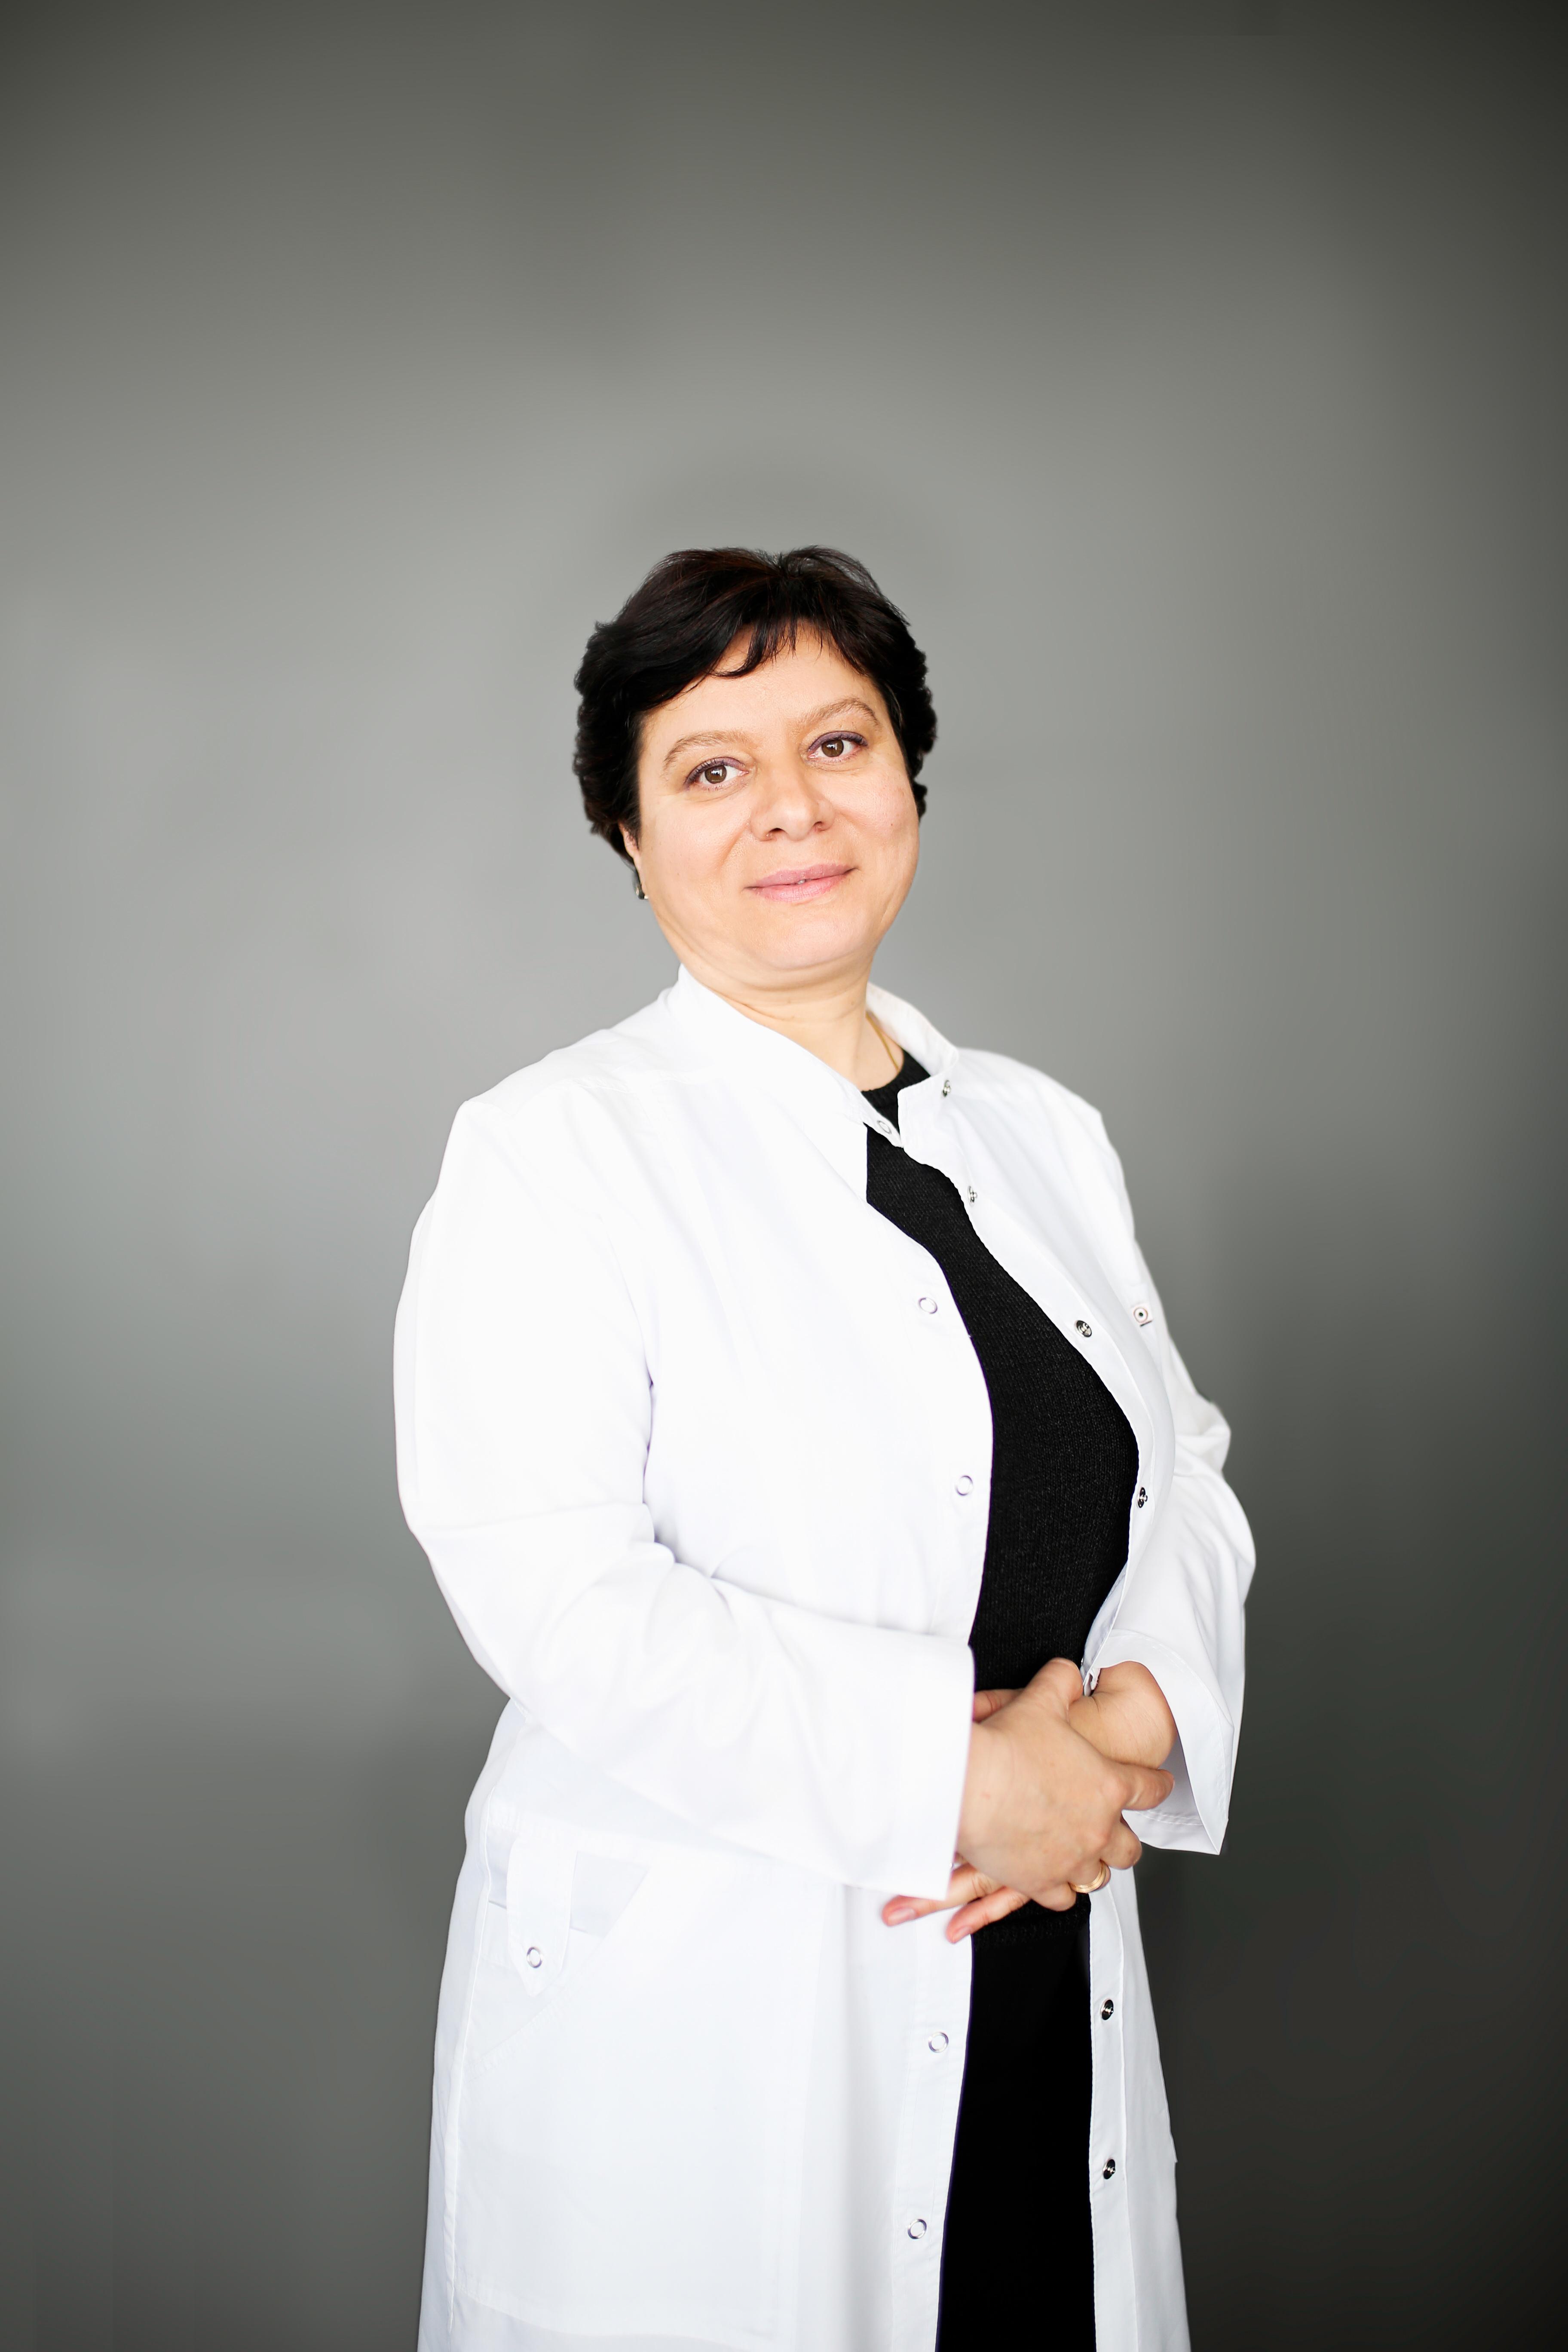 მაია პარკაული გინეკოლოგი